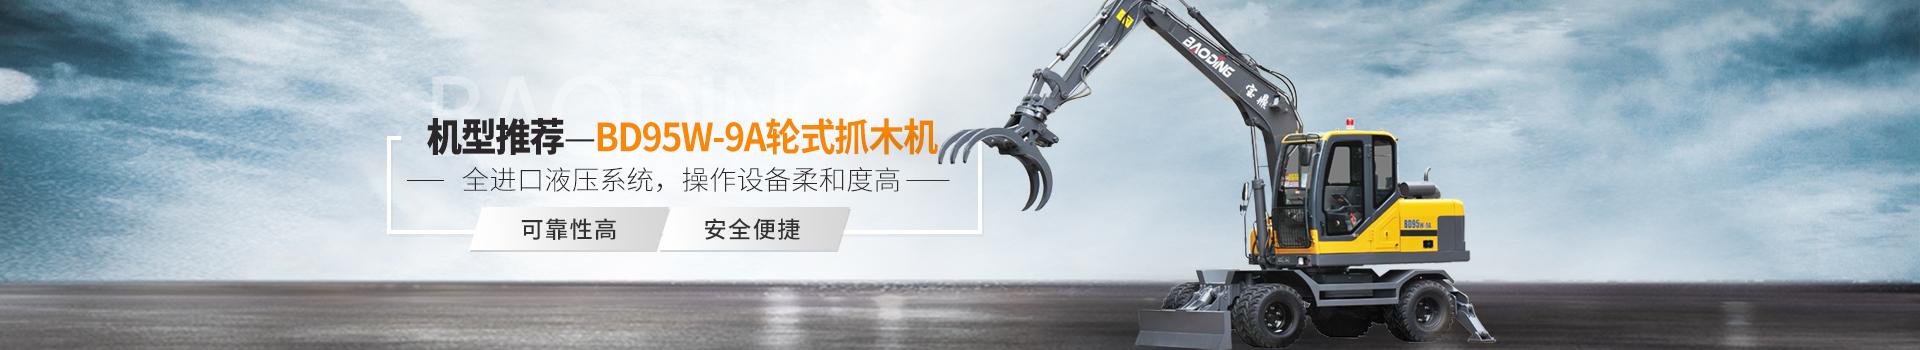 宝鼎机型推荐,BD95W-9A轮式抓木机